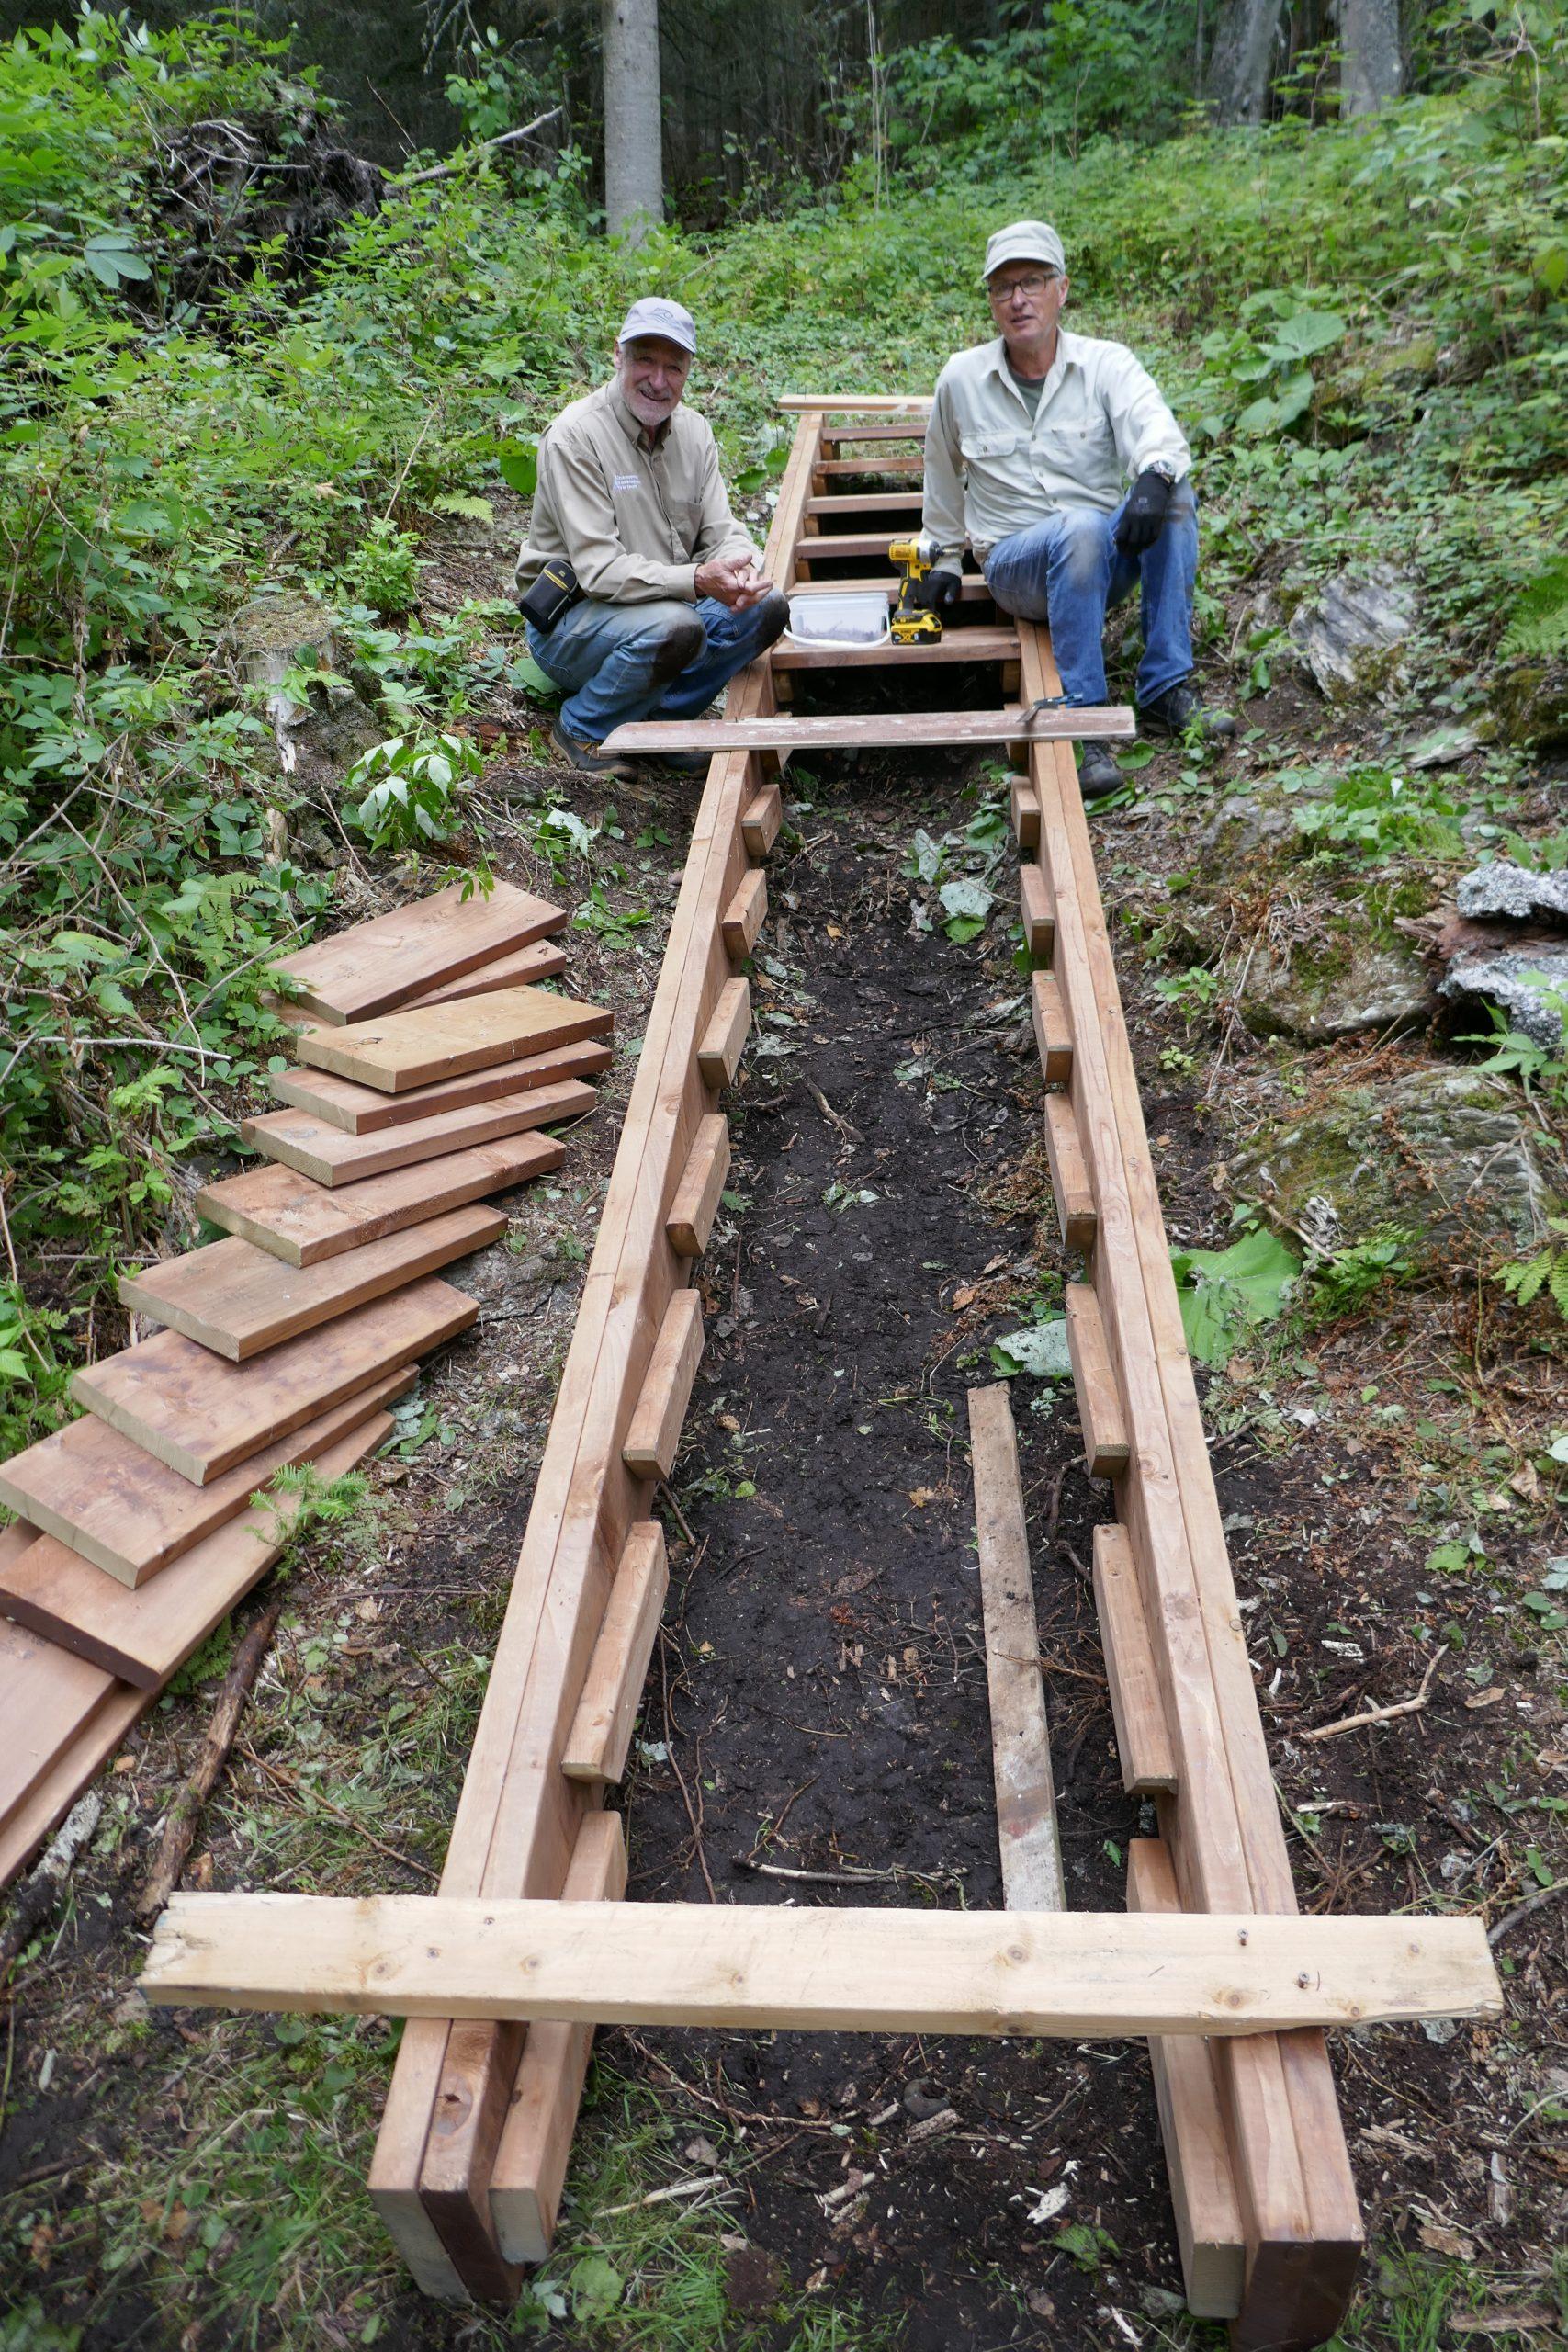 Daniel Banville et Jean Bernier, deux bénévoles s'affairent à construire un escalier au pied du sentier de la Falaise, à l'île aux Basques, en début de septembre 2020. Photo : Daniel Banville.